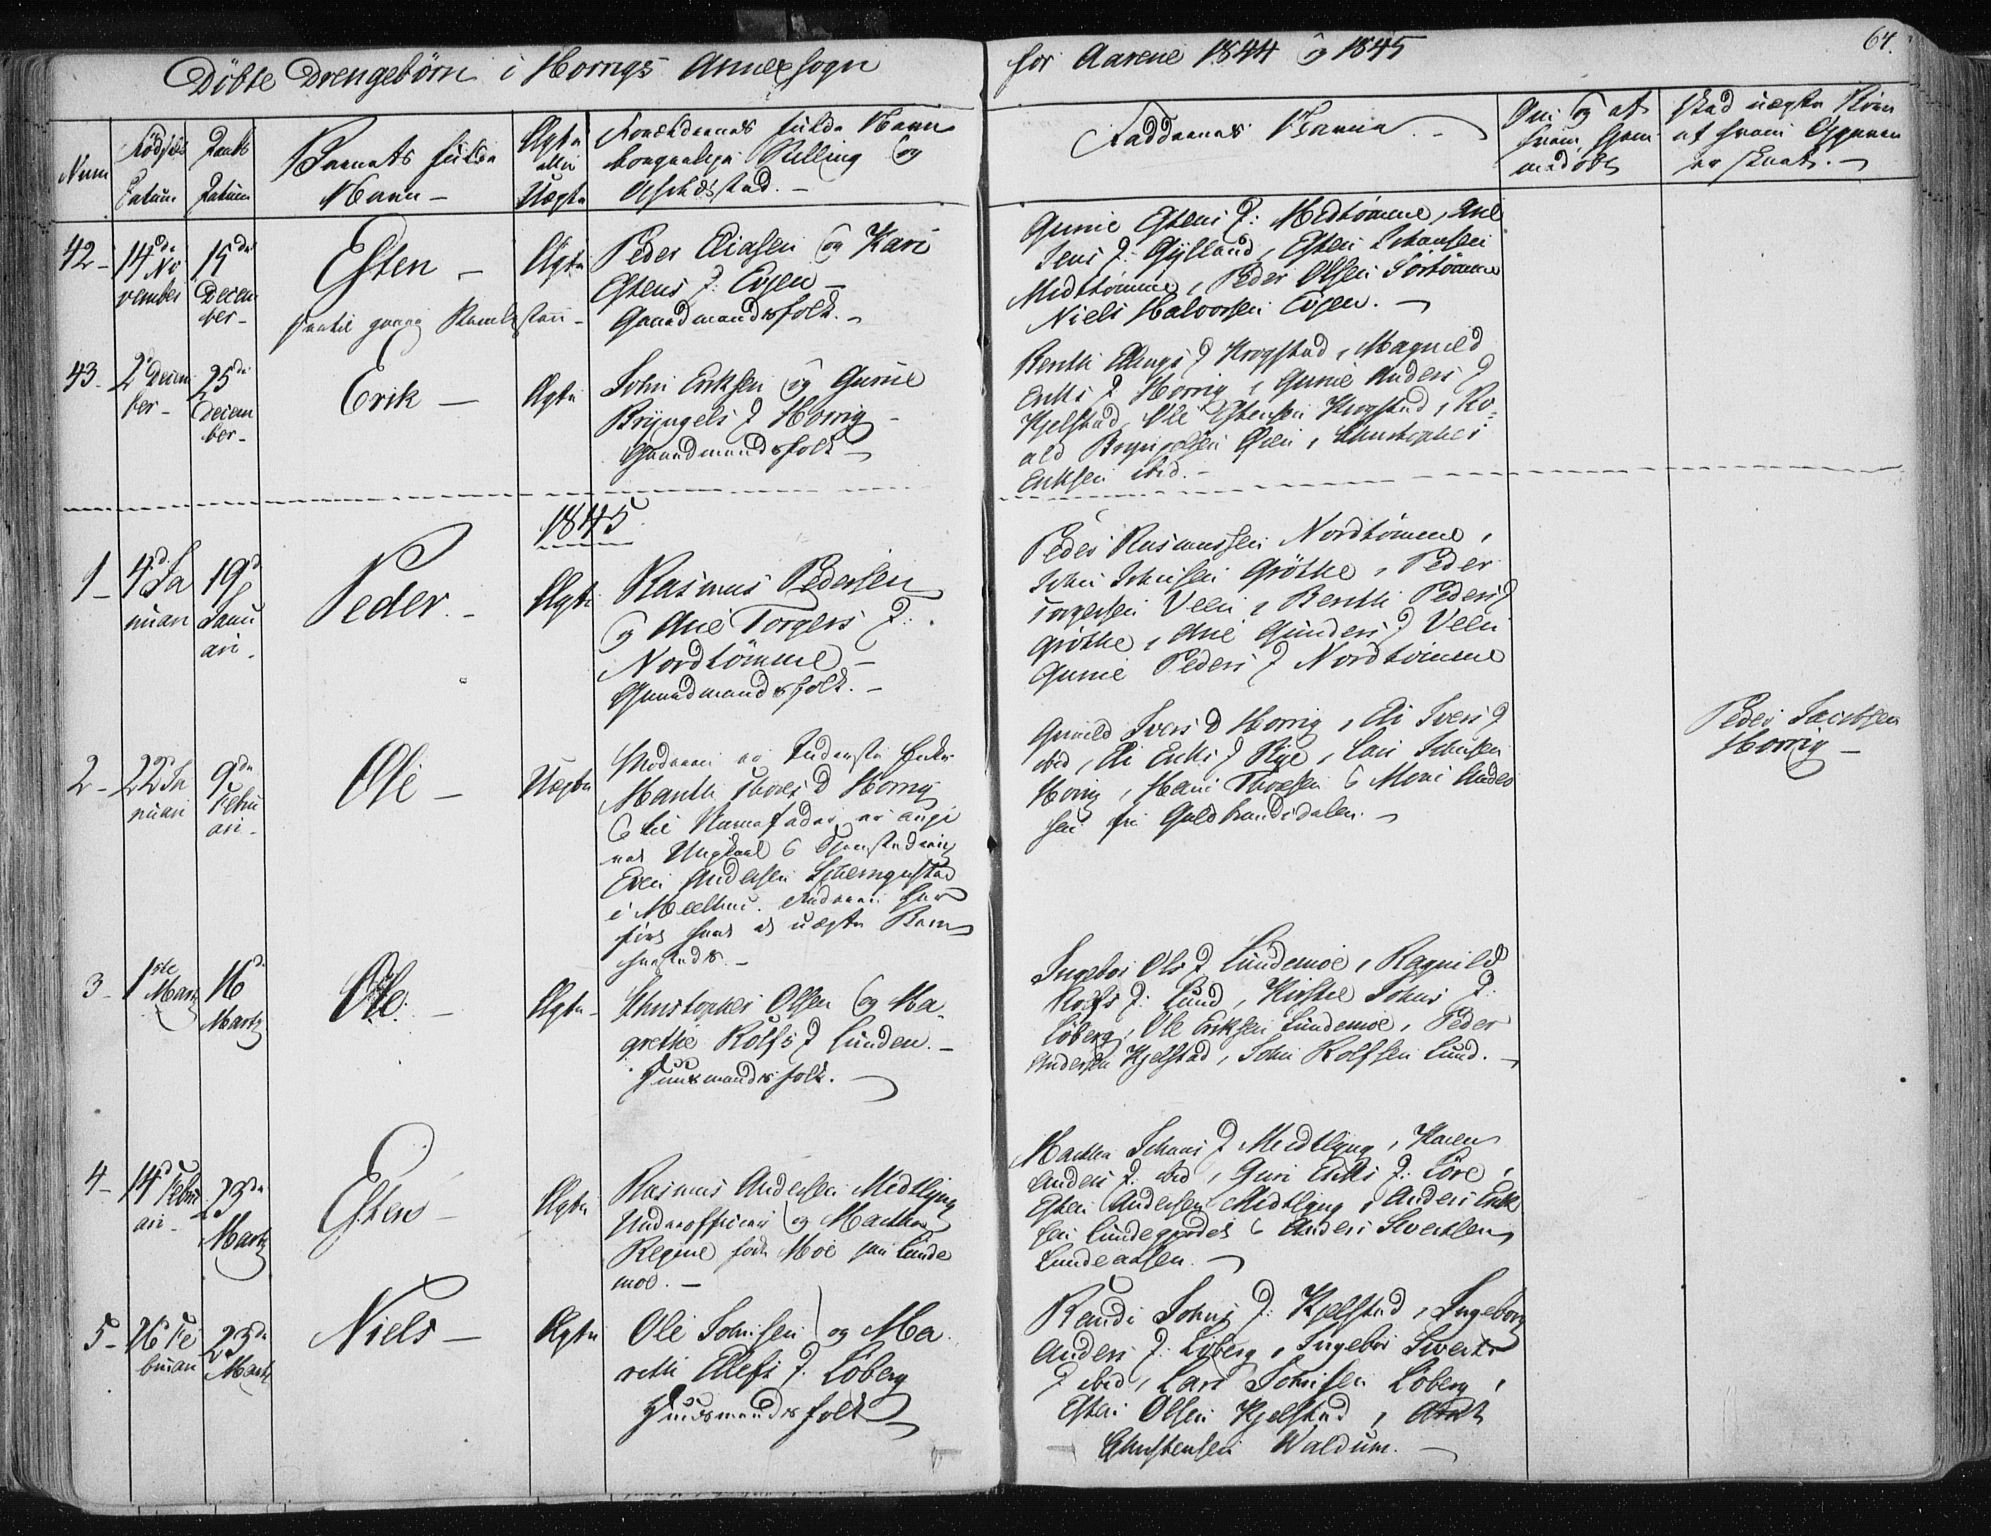 SAT, Ministerialprotokoller, klokkerbøker og fødselsregistre - Sør-Trøndelag, 687/L0998: Ministerialbok nr. 687A05 /2, 1843-1849, s. 64